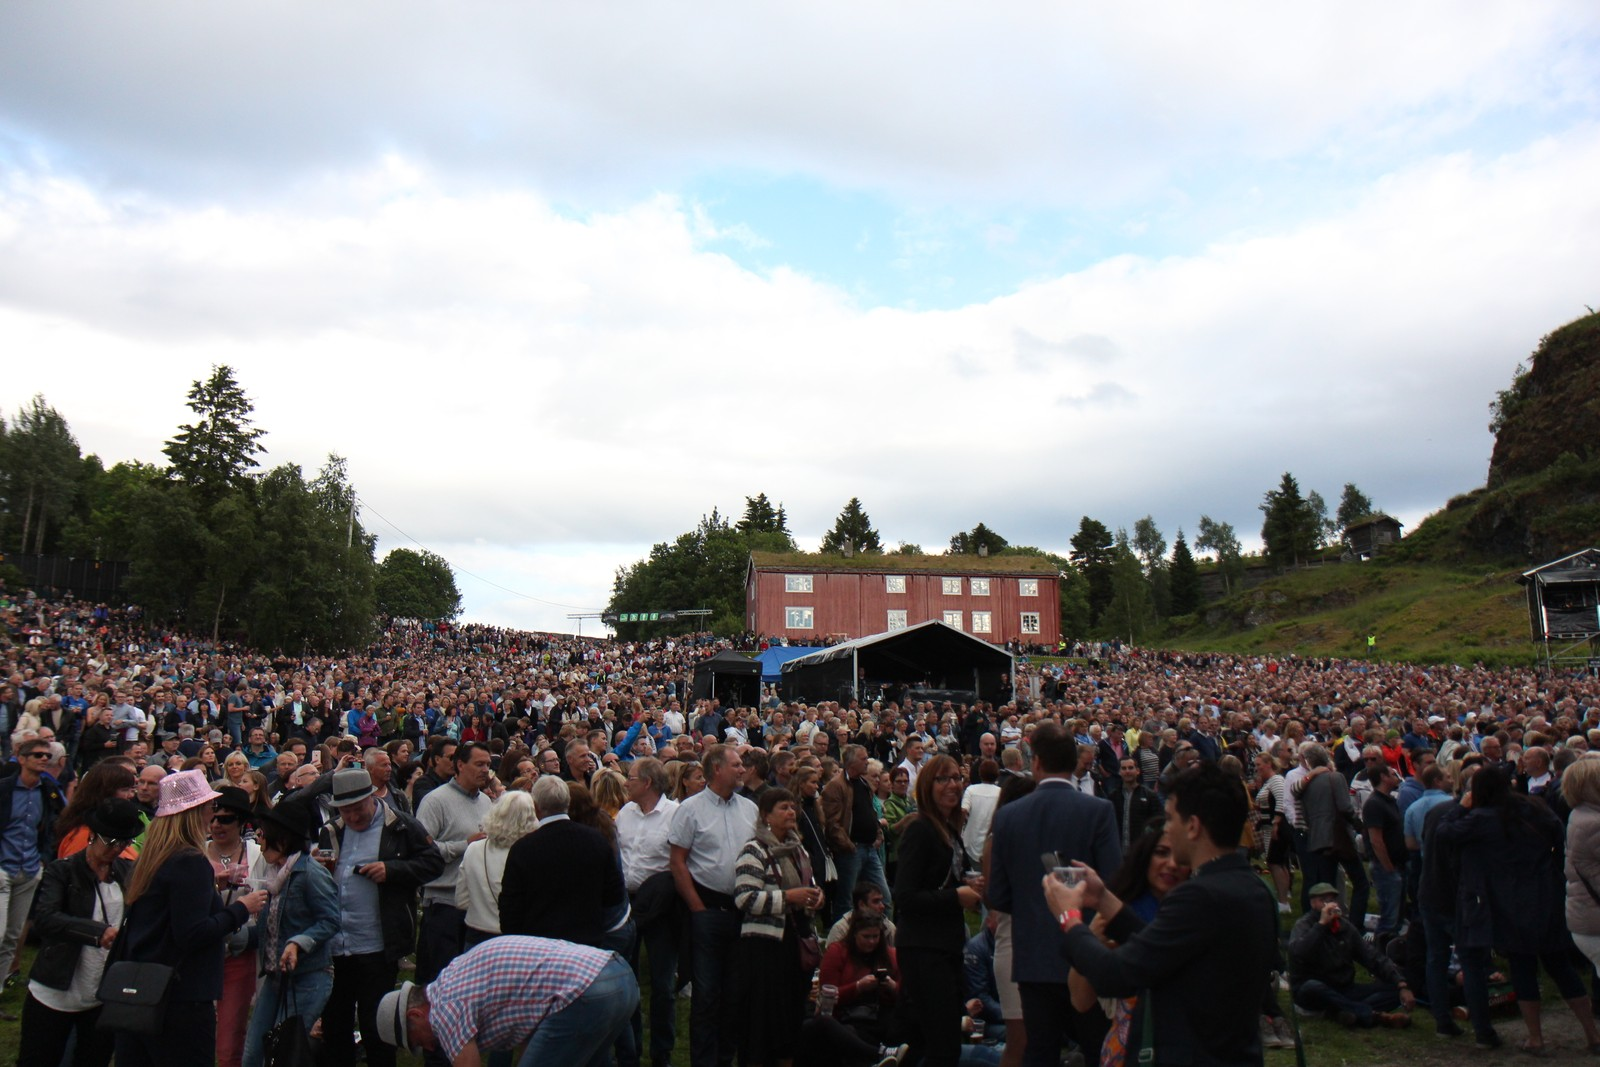 10 000 hadde sikra seg billett til Elton Johns første konsert i Trondheim sidan 2003.